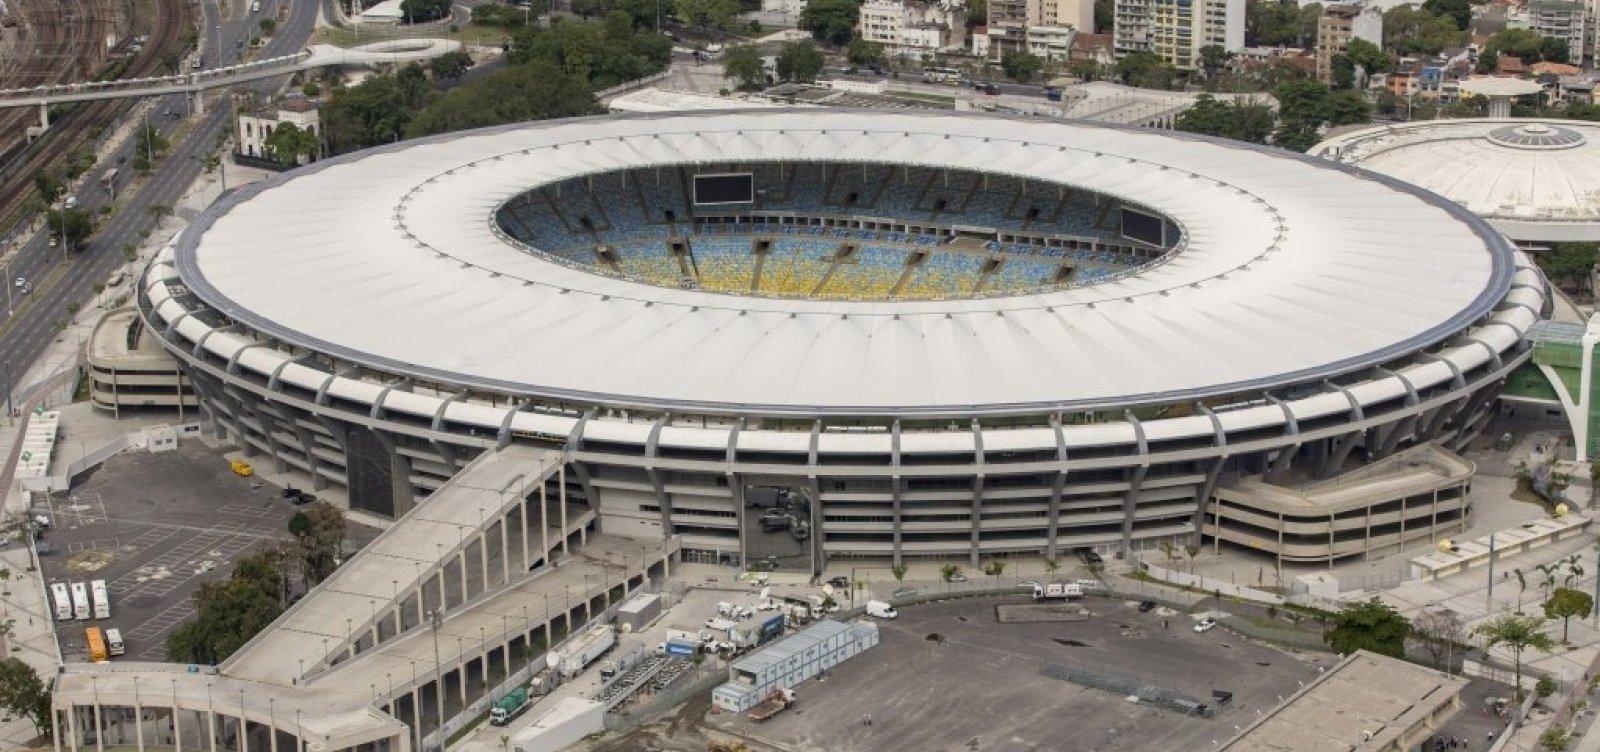 [Libertadores: PM e Bombeiros fazem operação para evitar aglomeração]